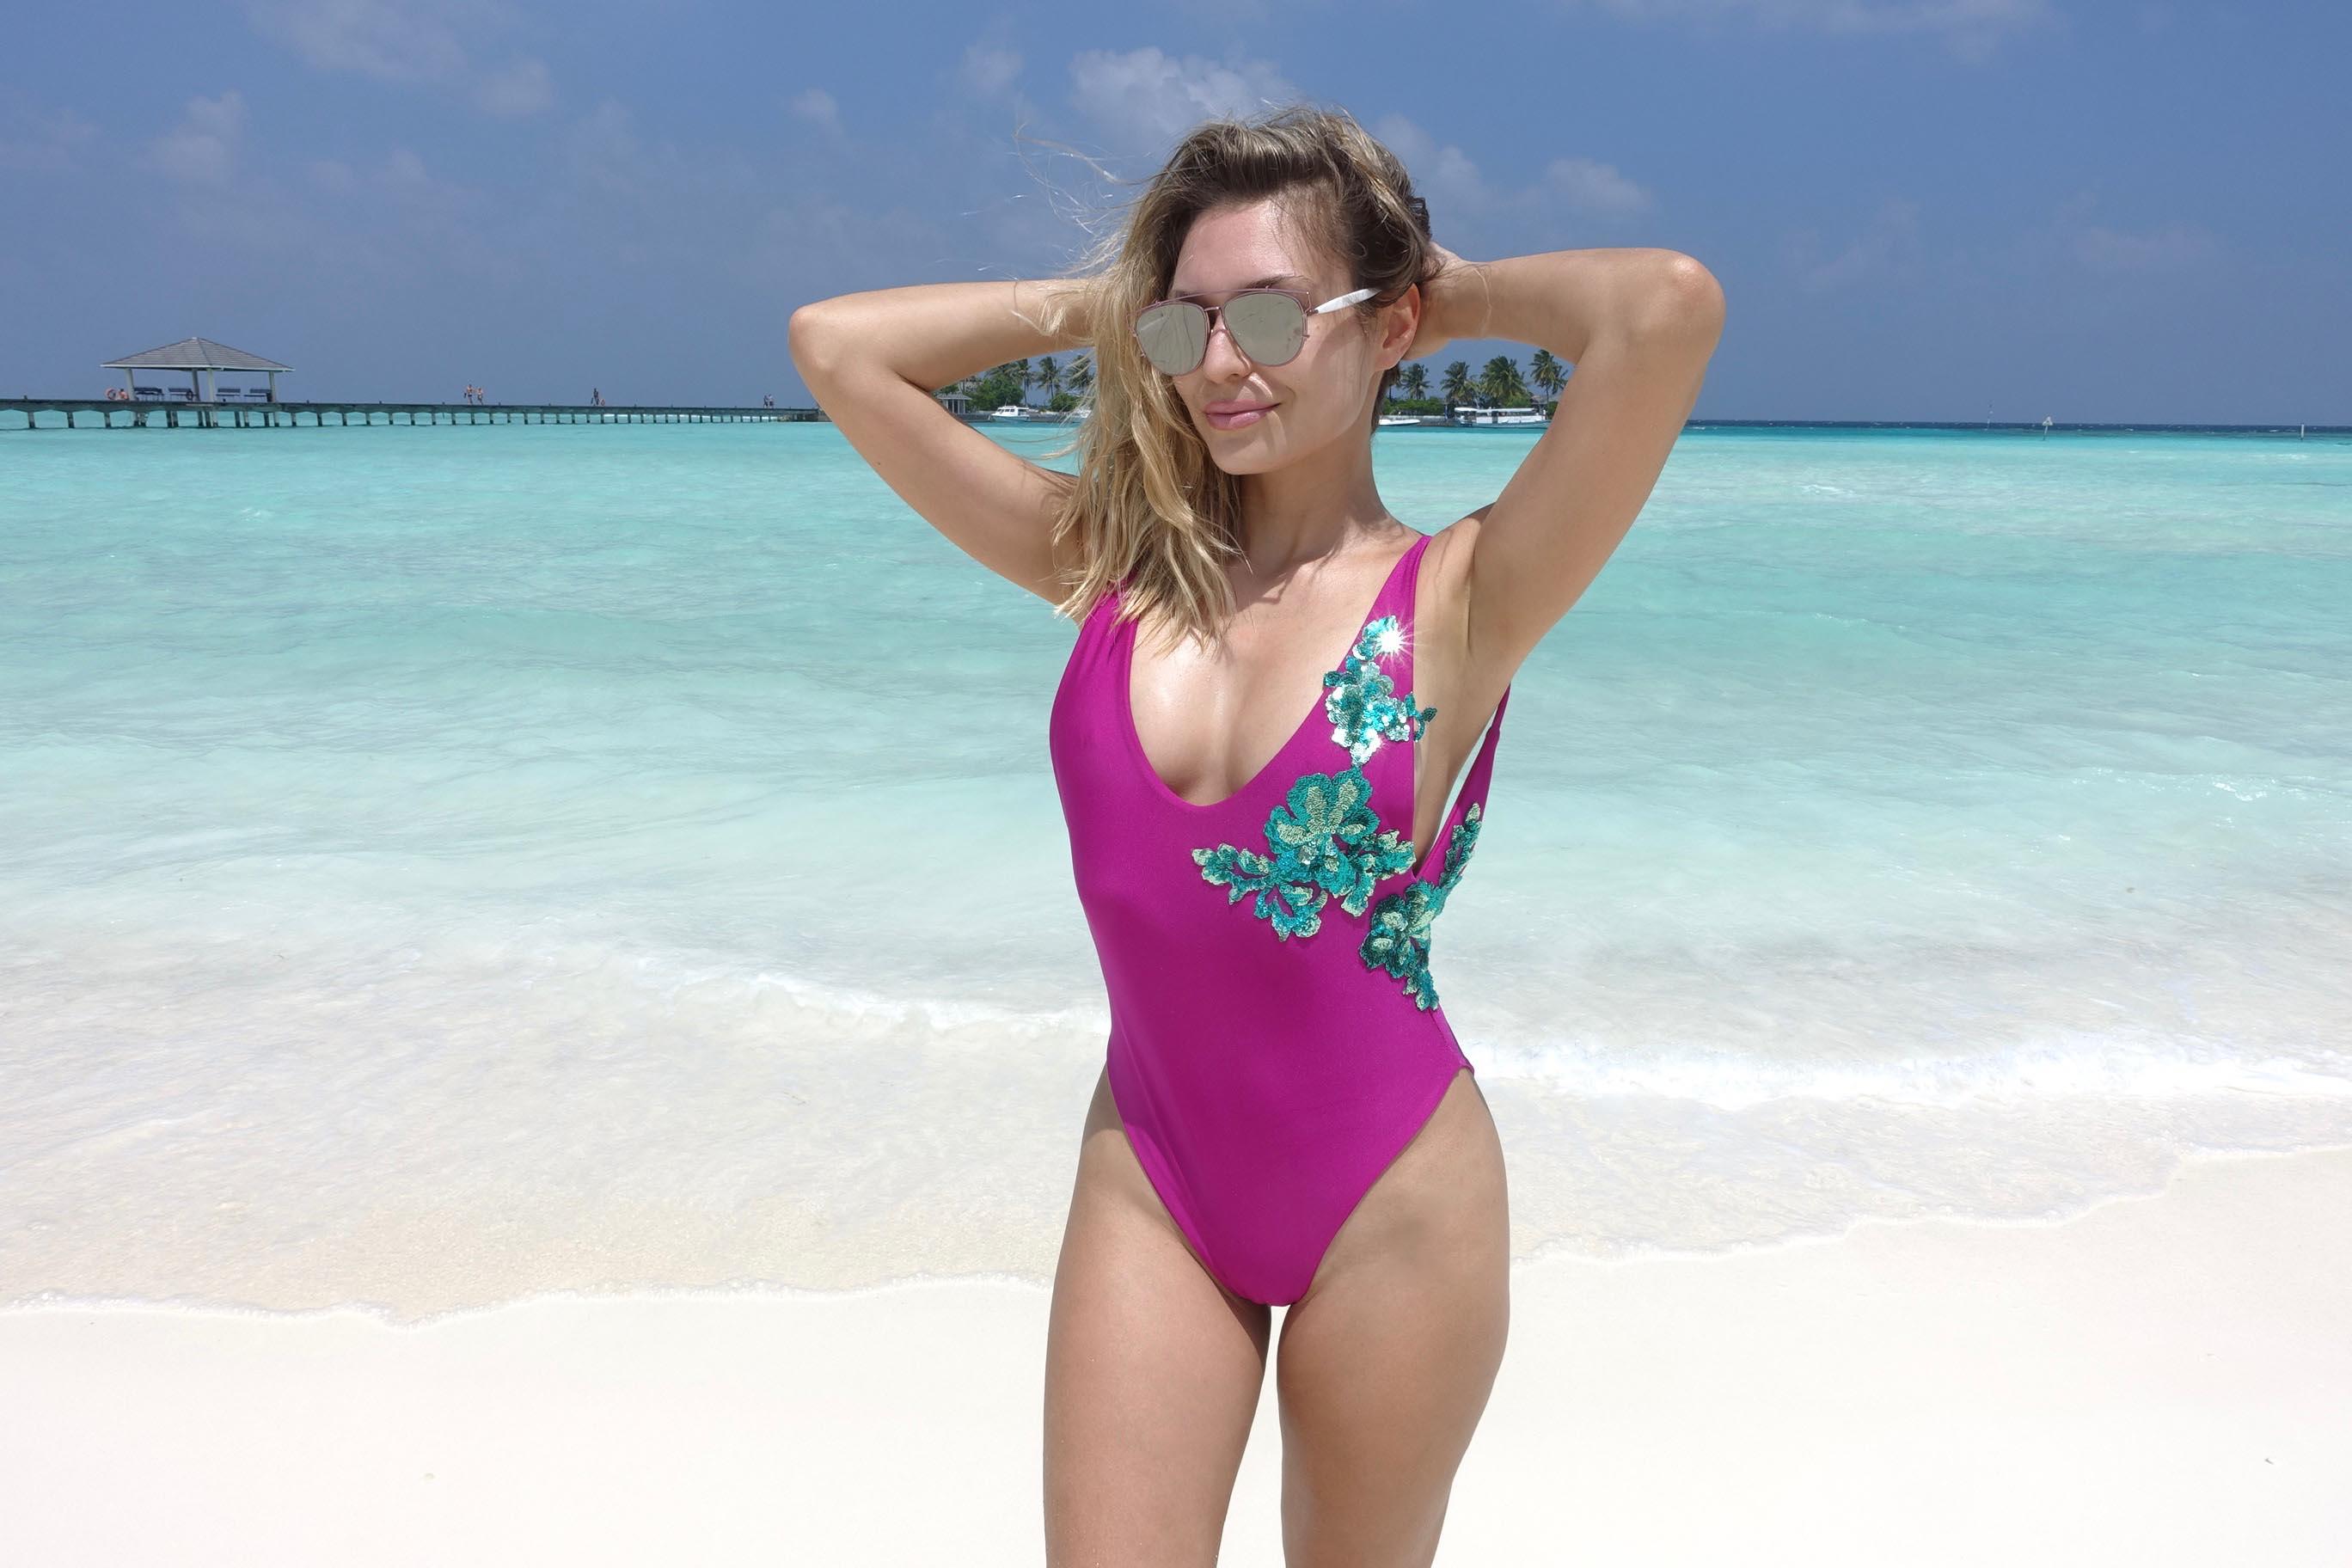 Sonja Kovač promovira kupaće kostime svjetski poznatog brenda Agjamal